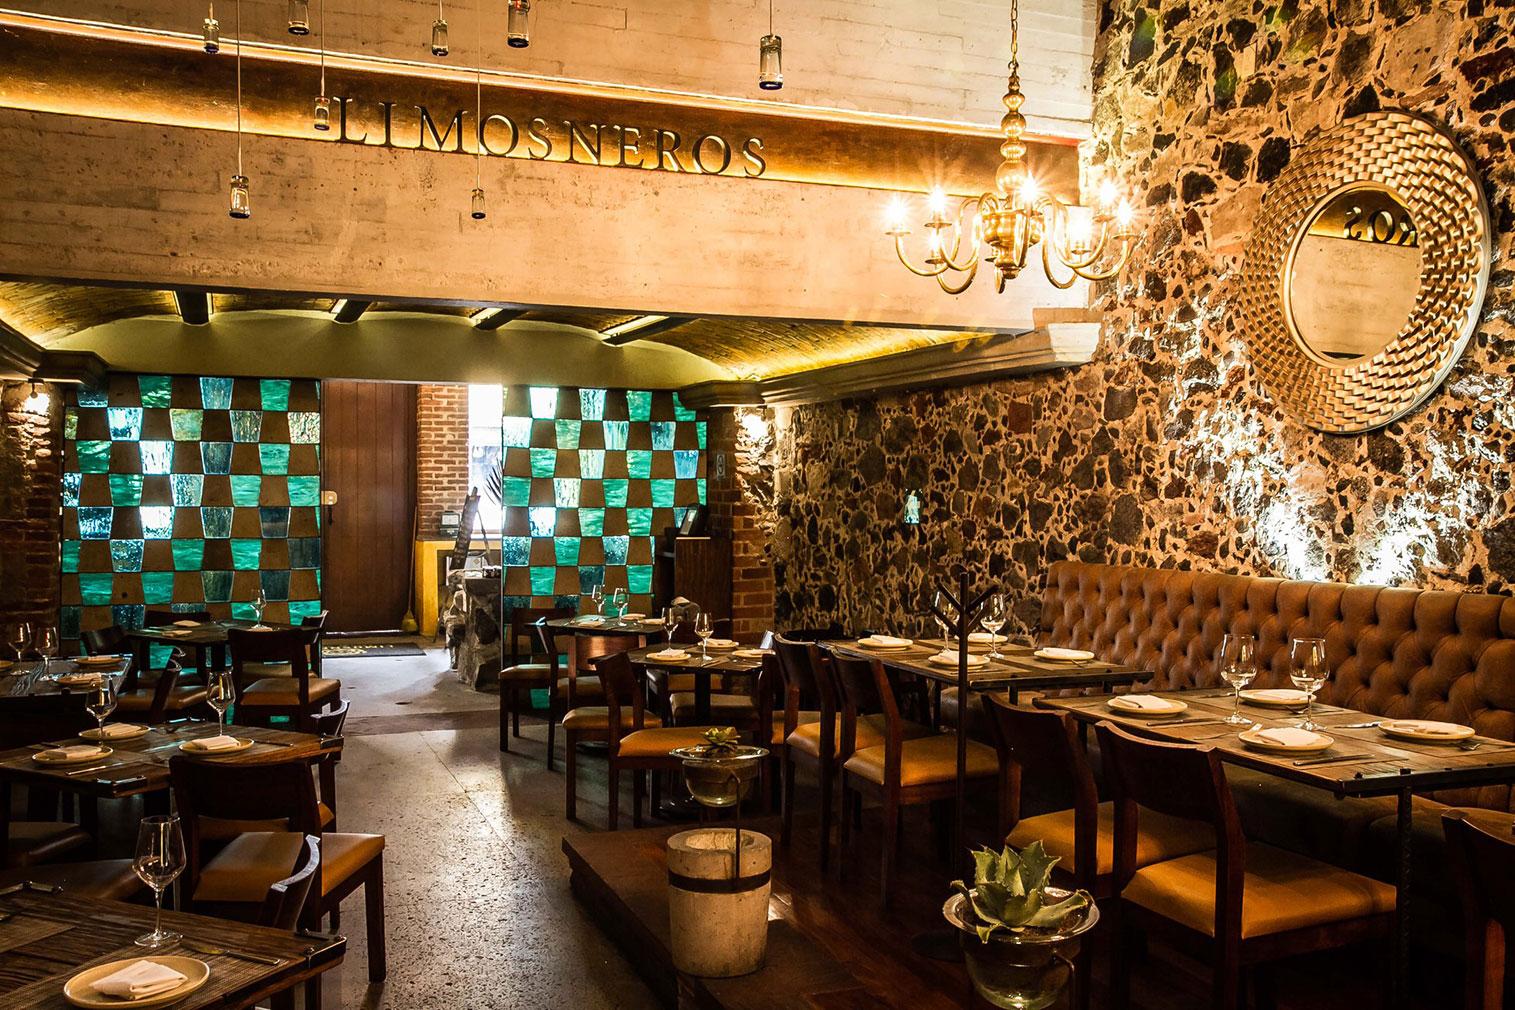 Mexico City restaurant Limosneros